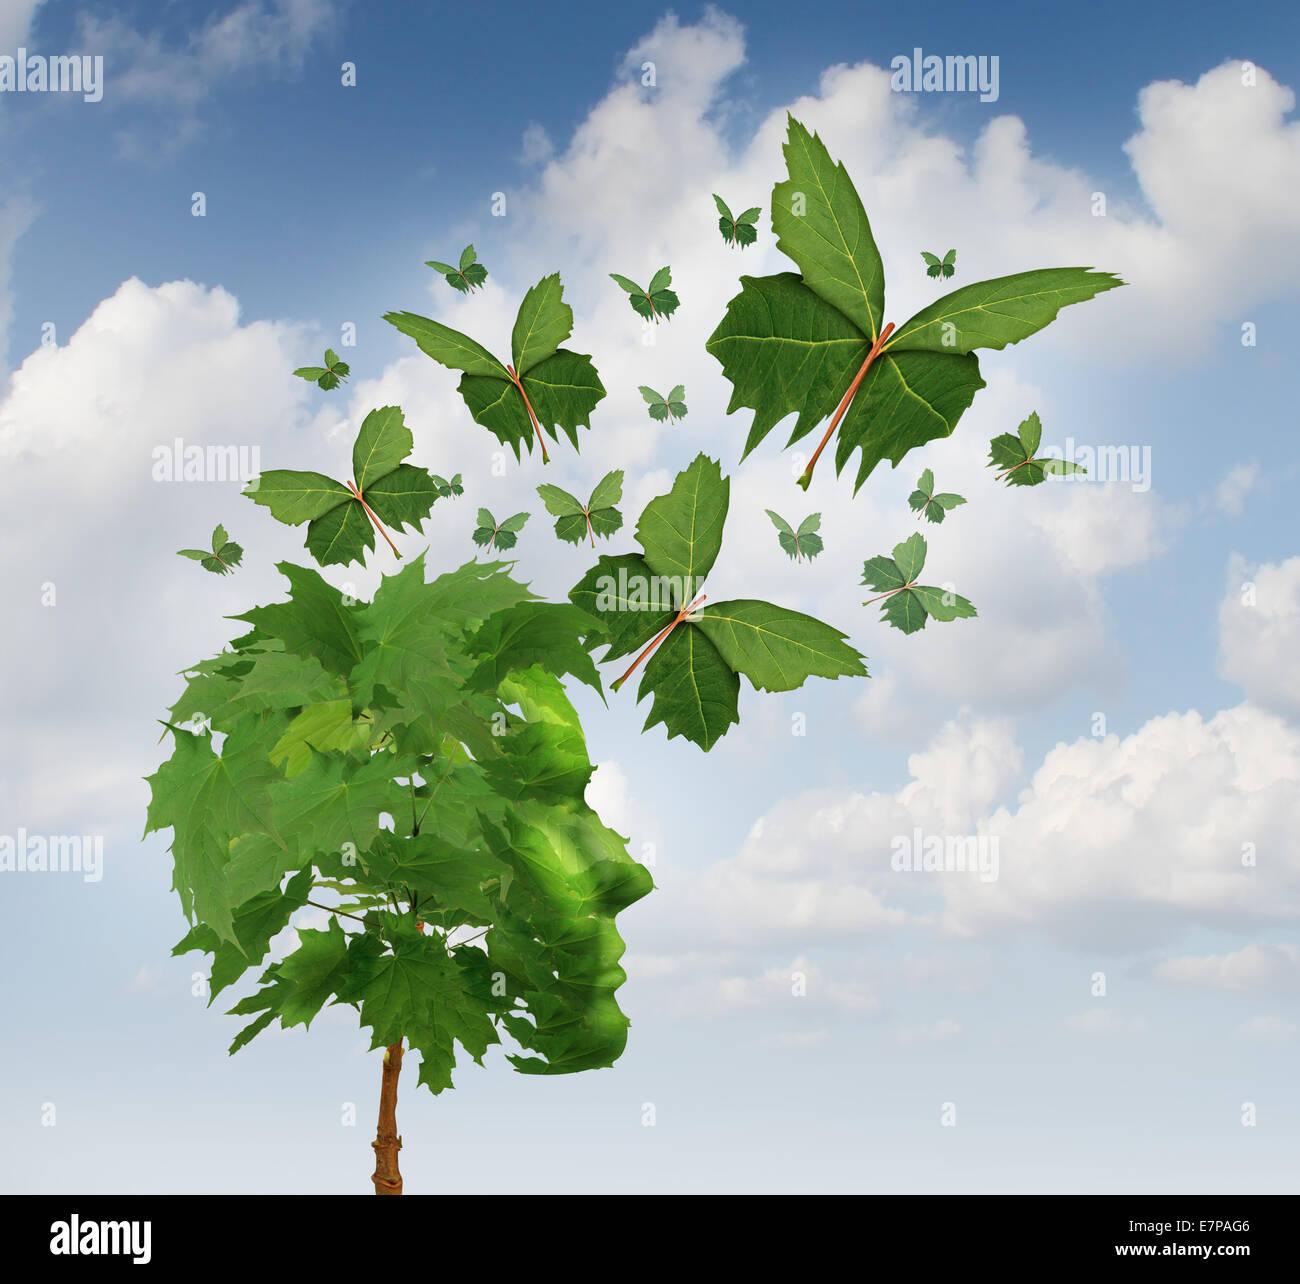 Creative communication et marketing intelligent concept comme un arbre en forme de tête humaine avec le vol laisse Banque D'Images